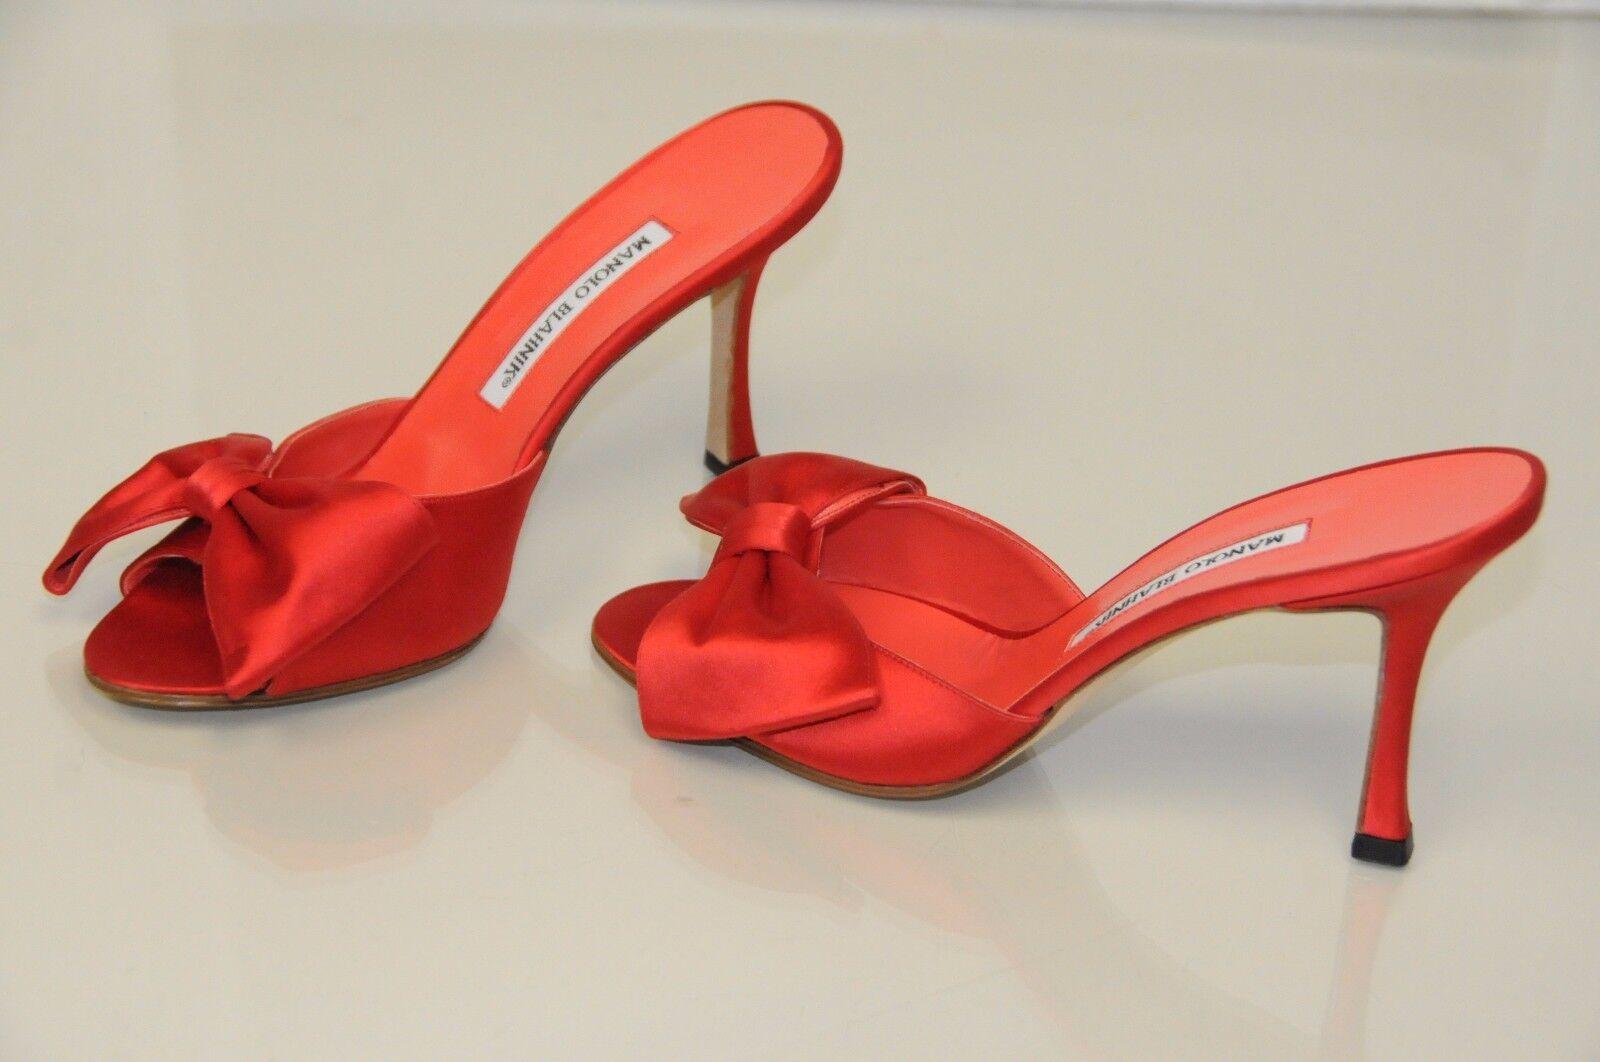 Sconto del 70% a buon mercato    775 New MANOLO BLAHNIK CLAUSA BOW lipstick rosso SATIN  SLIDES scarpe Heels 38  in vendita